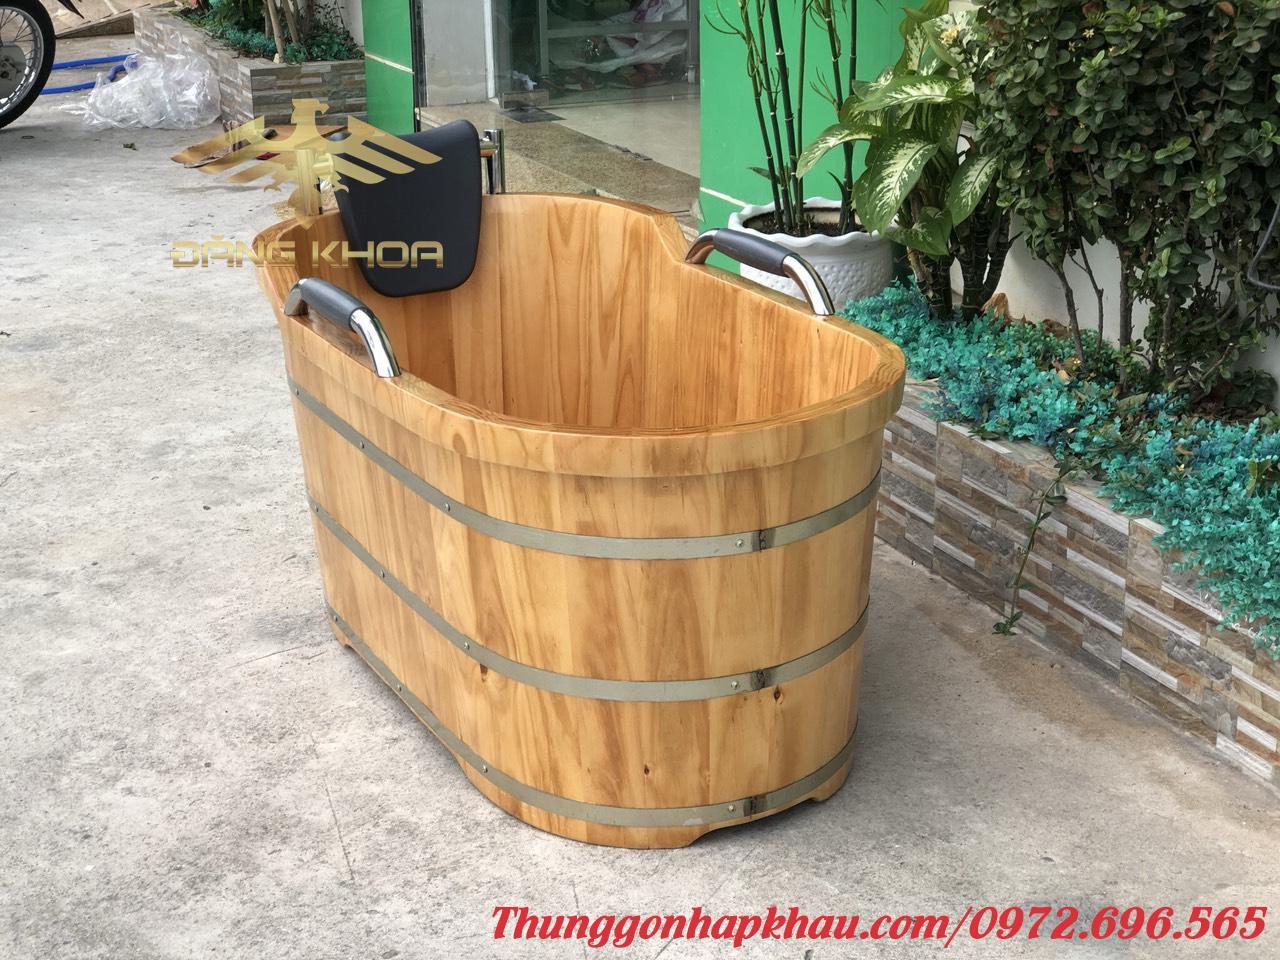 Báo giá bồn tắm gỗ Đăng Khoa